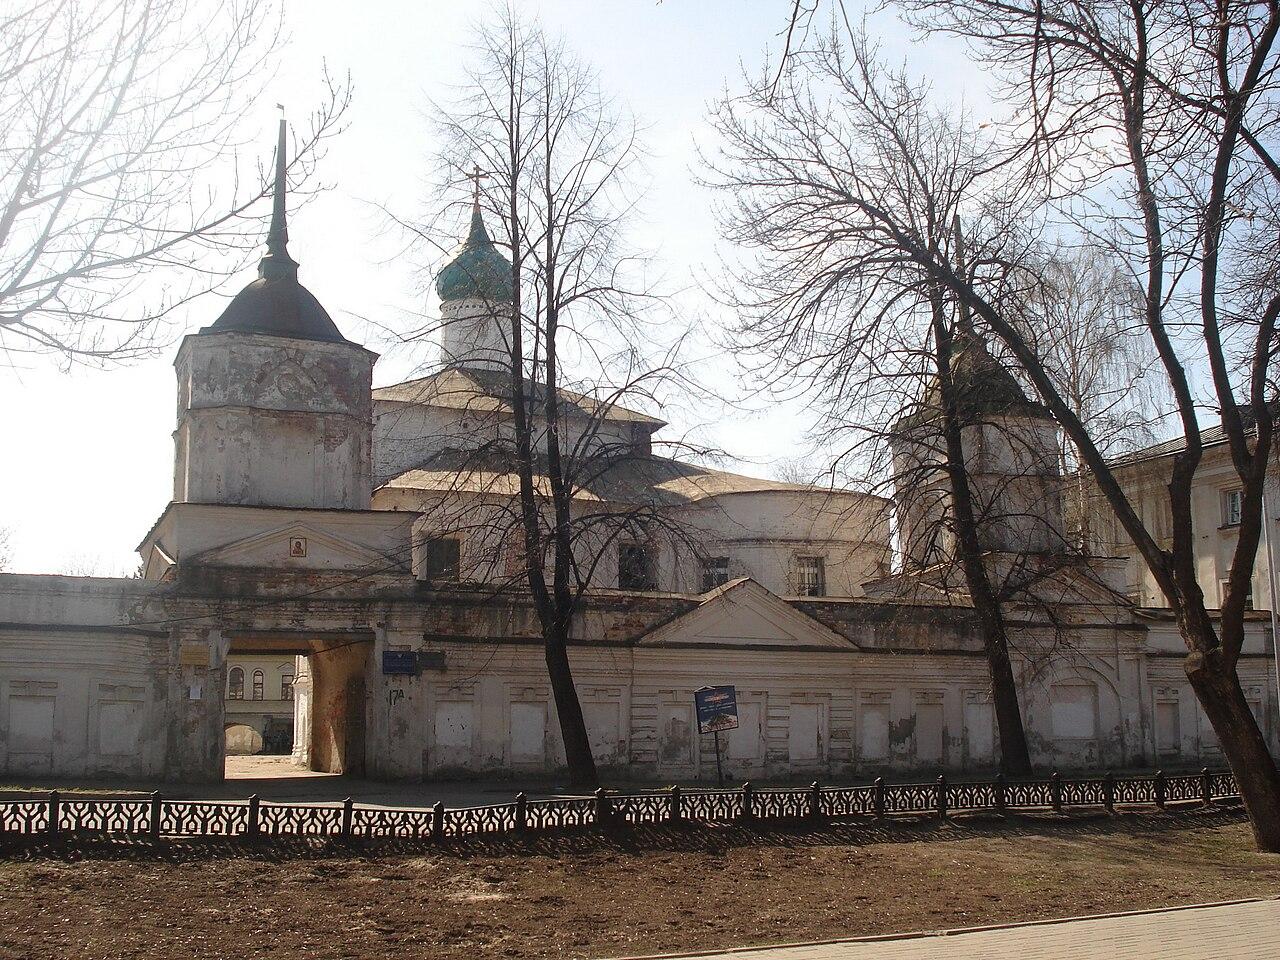 Кирилло-Афанасиевский монастырь в г. Ярославль